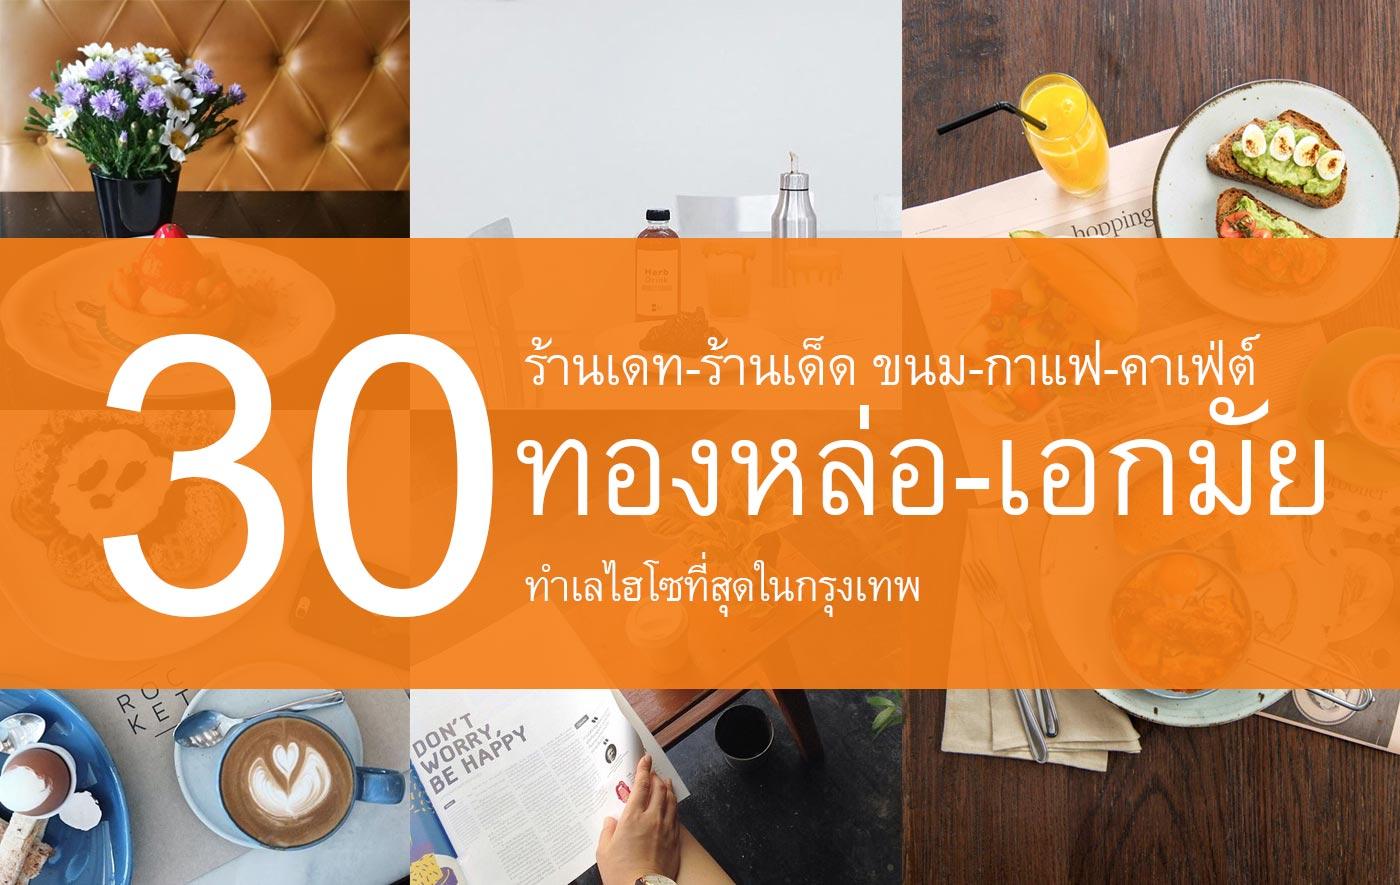 """30 ร้านเดท-ร้านเด็ด """"ทองหล่อ-เอกมัย"""" กาแฟ ขนม คาเฟ่ ย่านหนึ่งที่ไฮโซที่สุดในกรุงเทพ 13 - AP (Thailand) - เอพี (ไทยแลนด์)"""